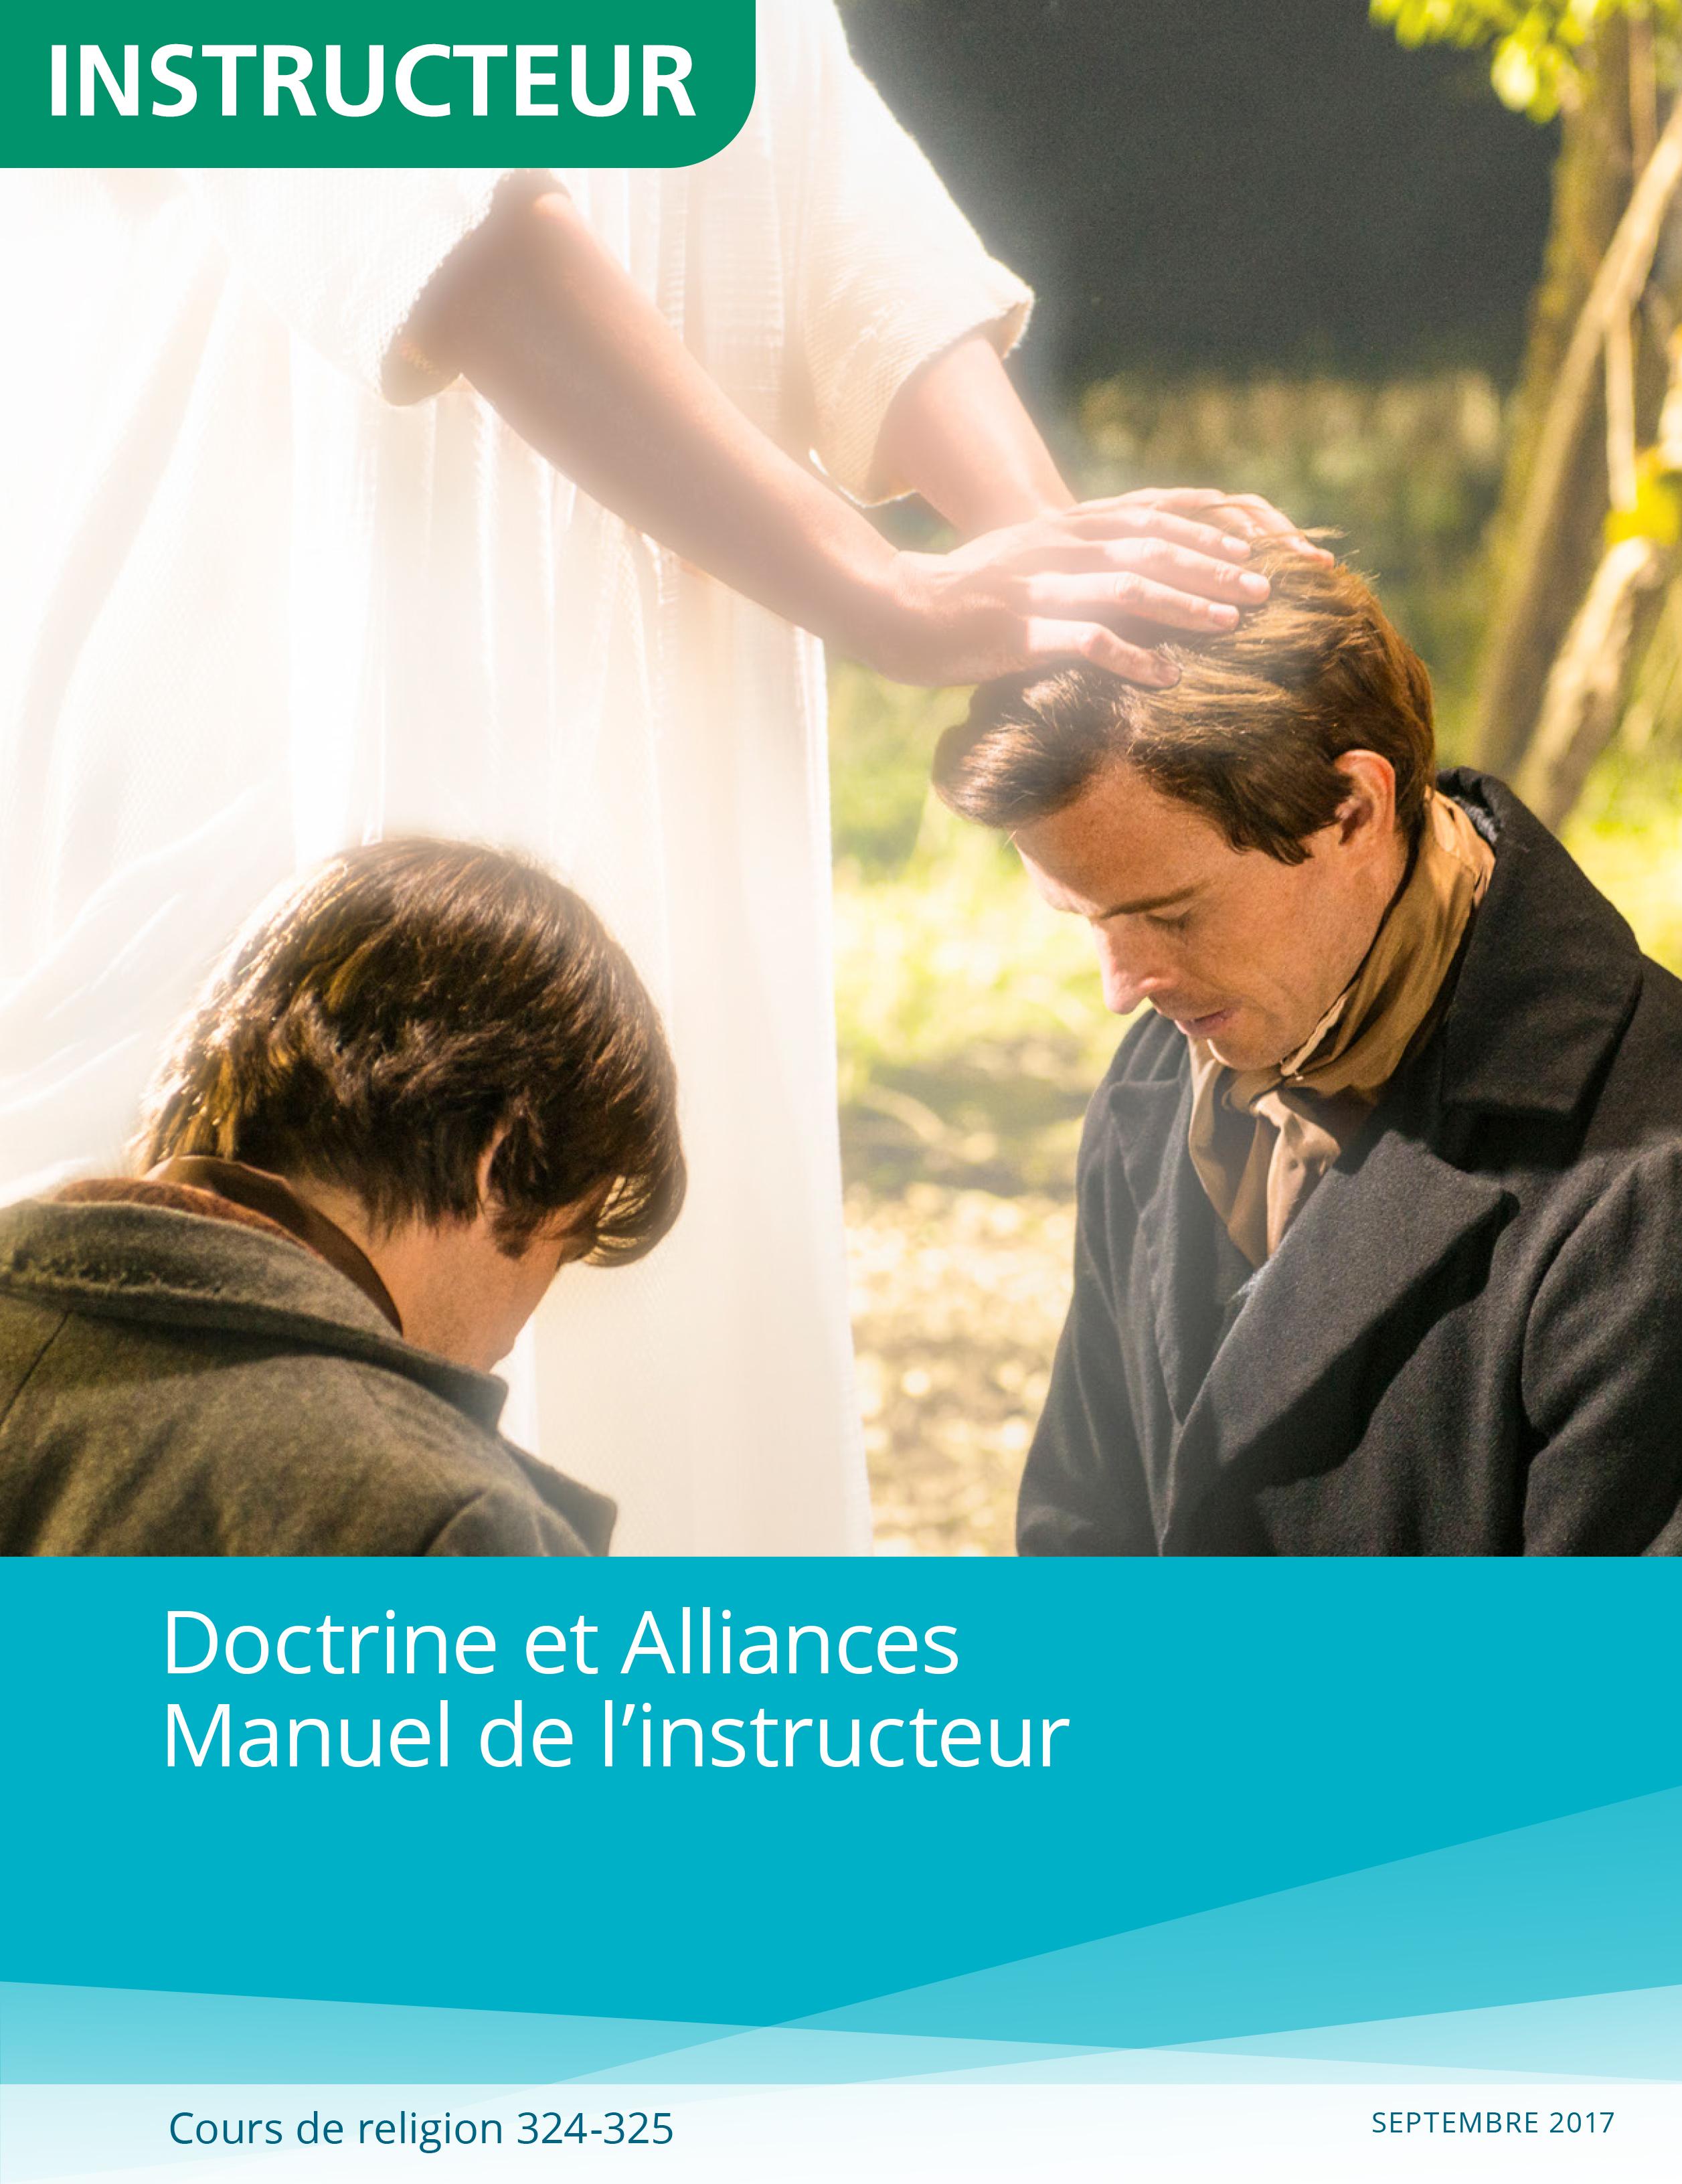 Doctrine et Alliances, manuel de l'instructeur